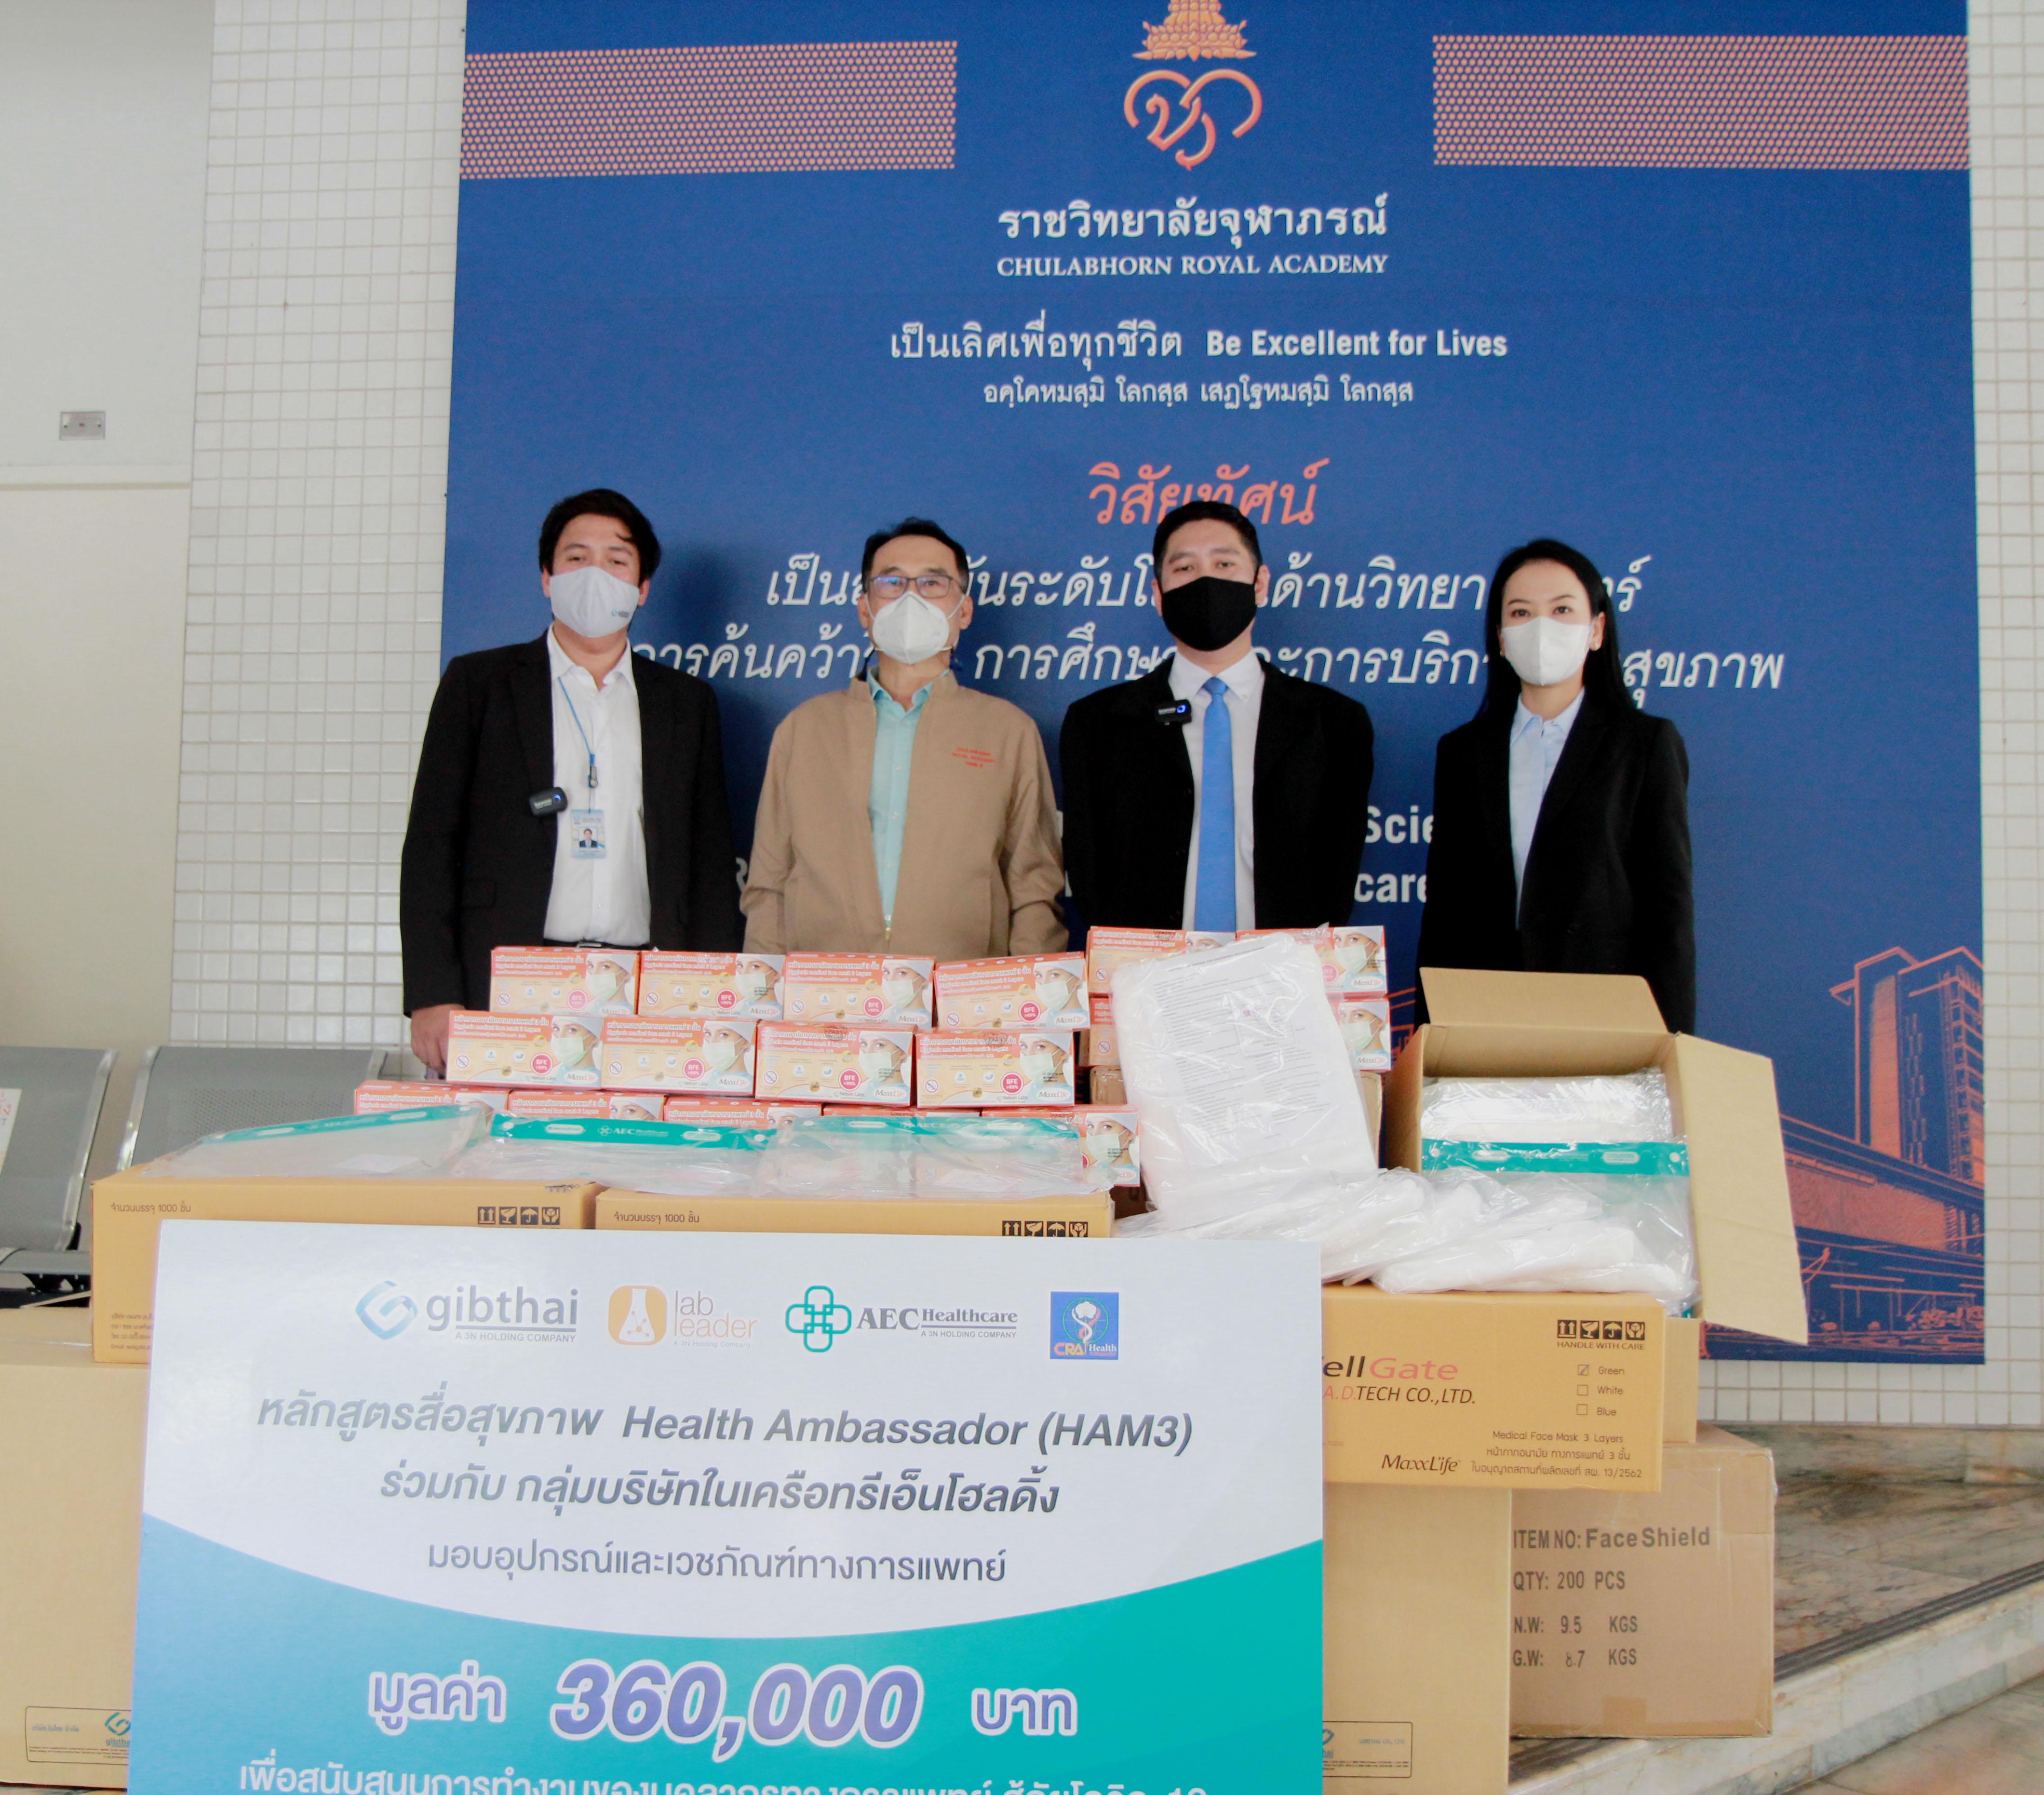 บริษัท กิบไทย จำกัด บริจาคอุปกรณ์และเวชภัณฑ์ทางการแพทย์ให้กับโรงพยาบาลจุฬาภรณ์